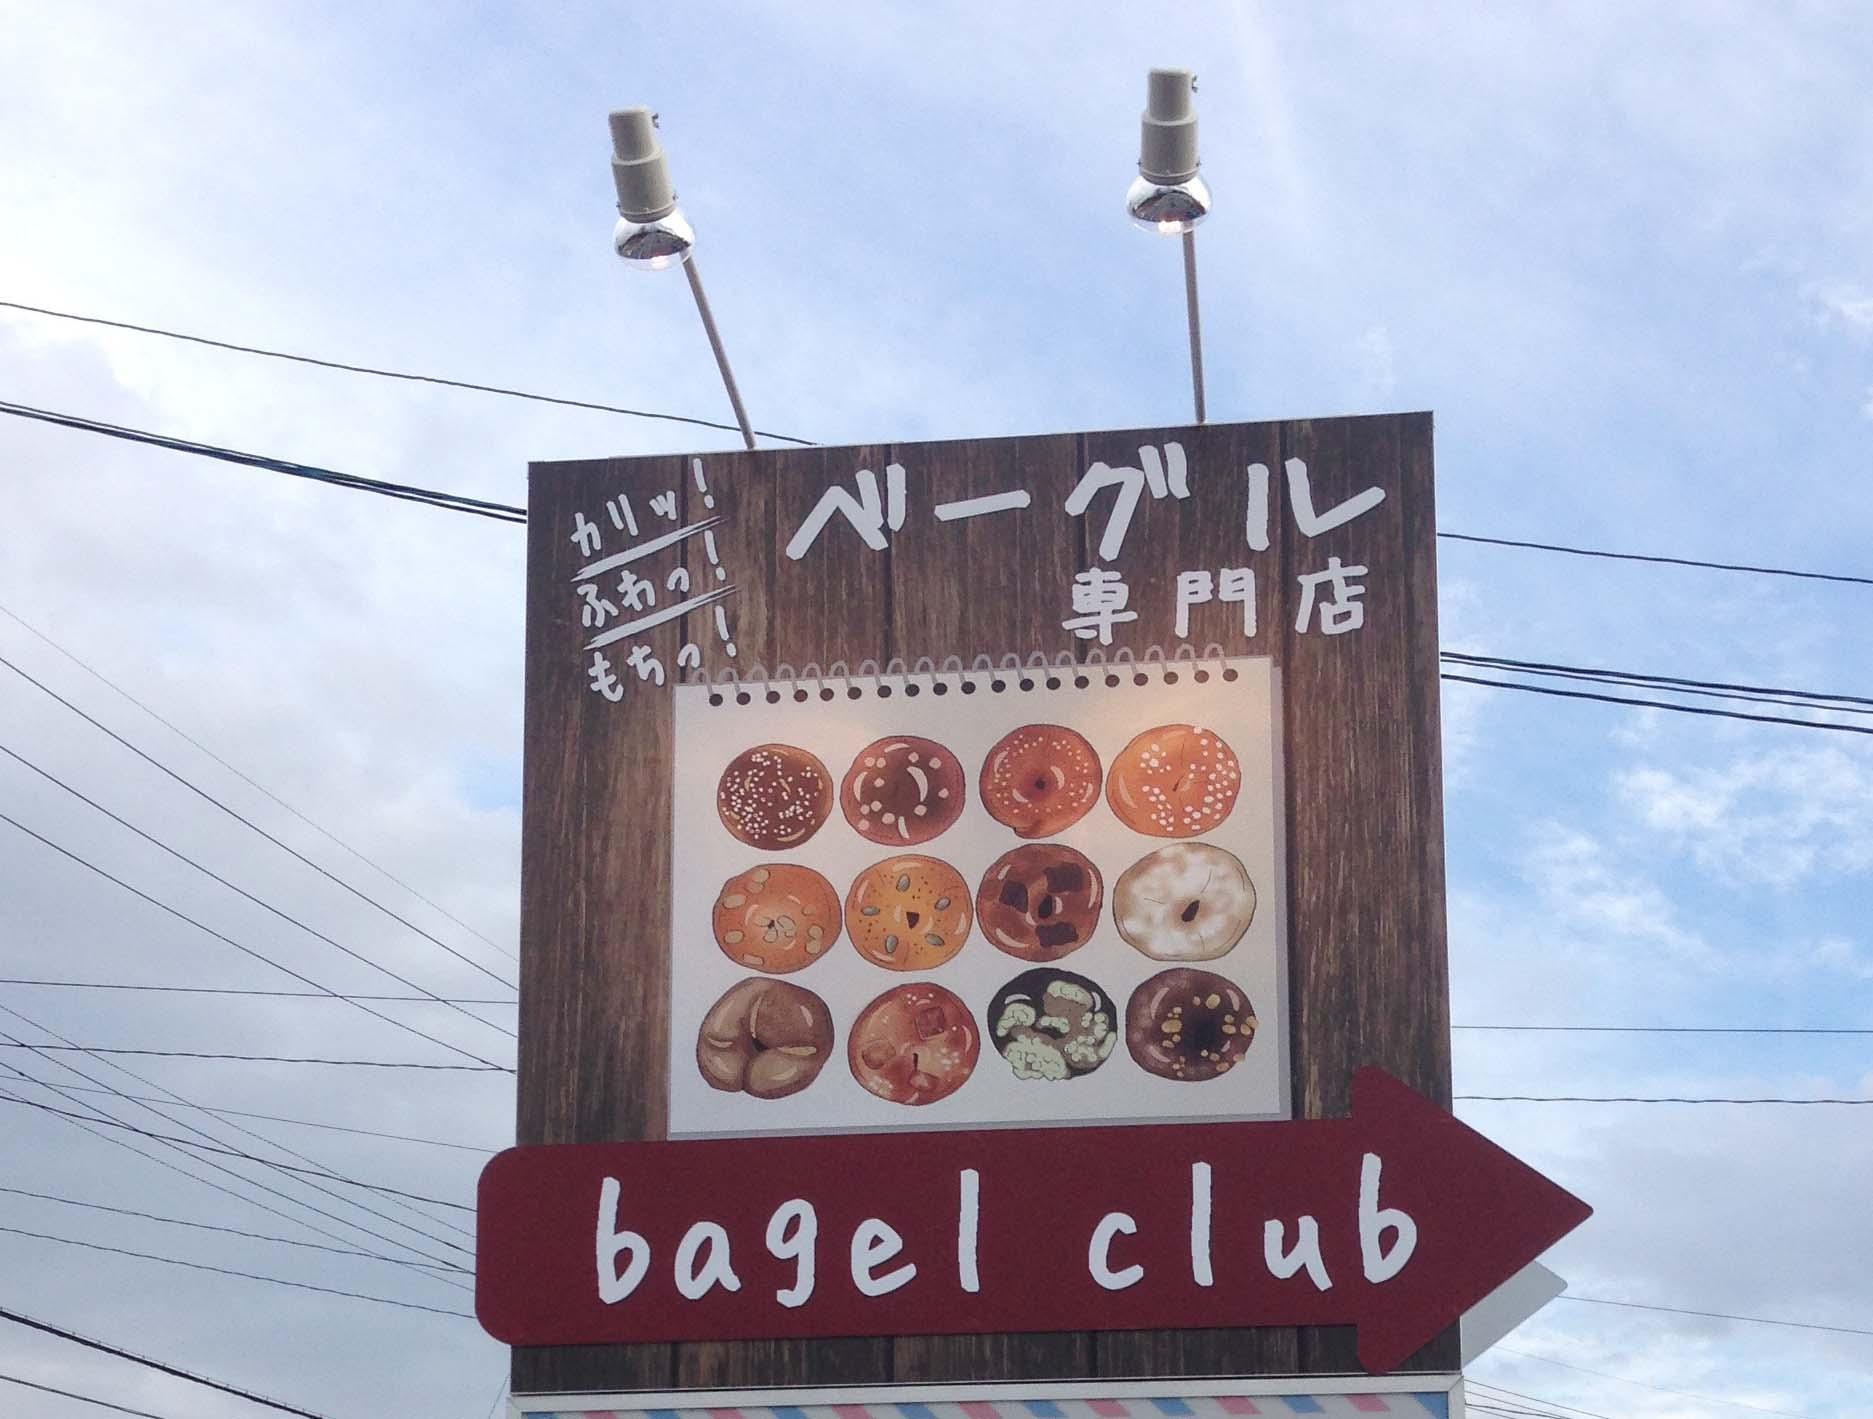 ベーグルクラブ様の新しい看板できました。